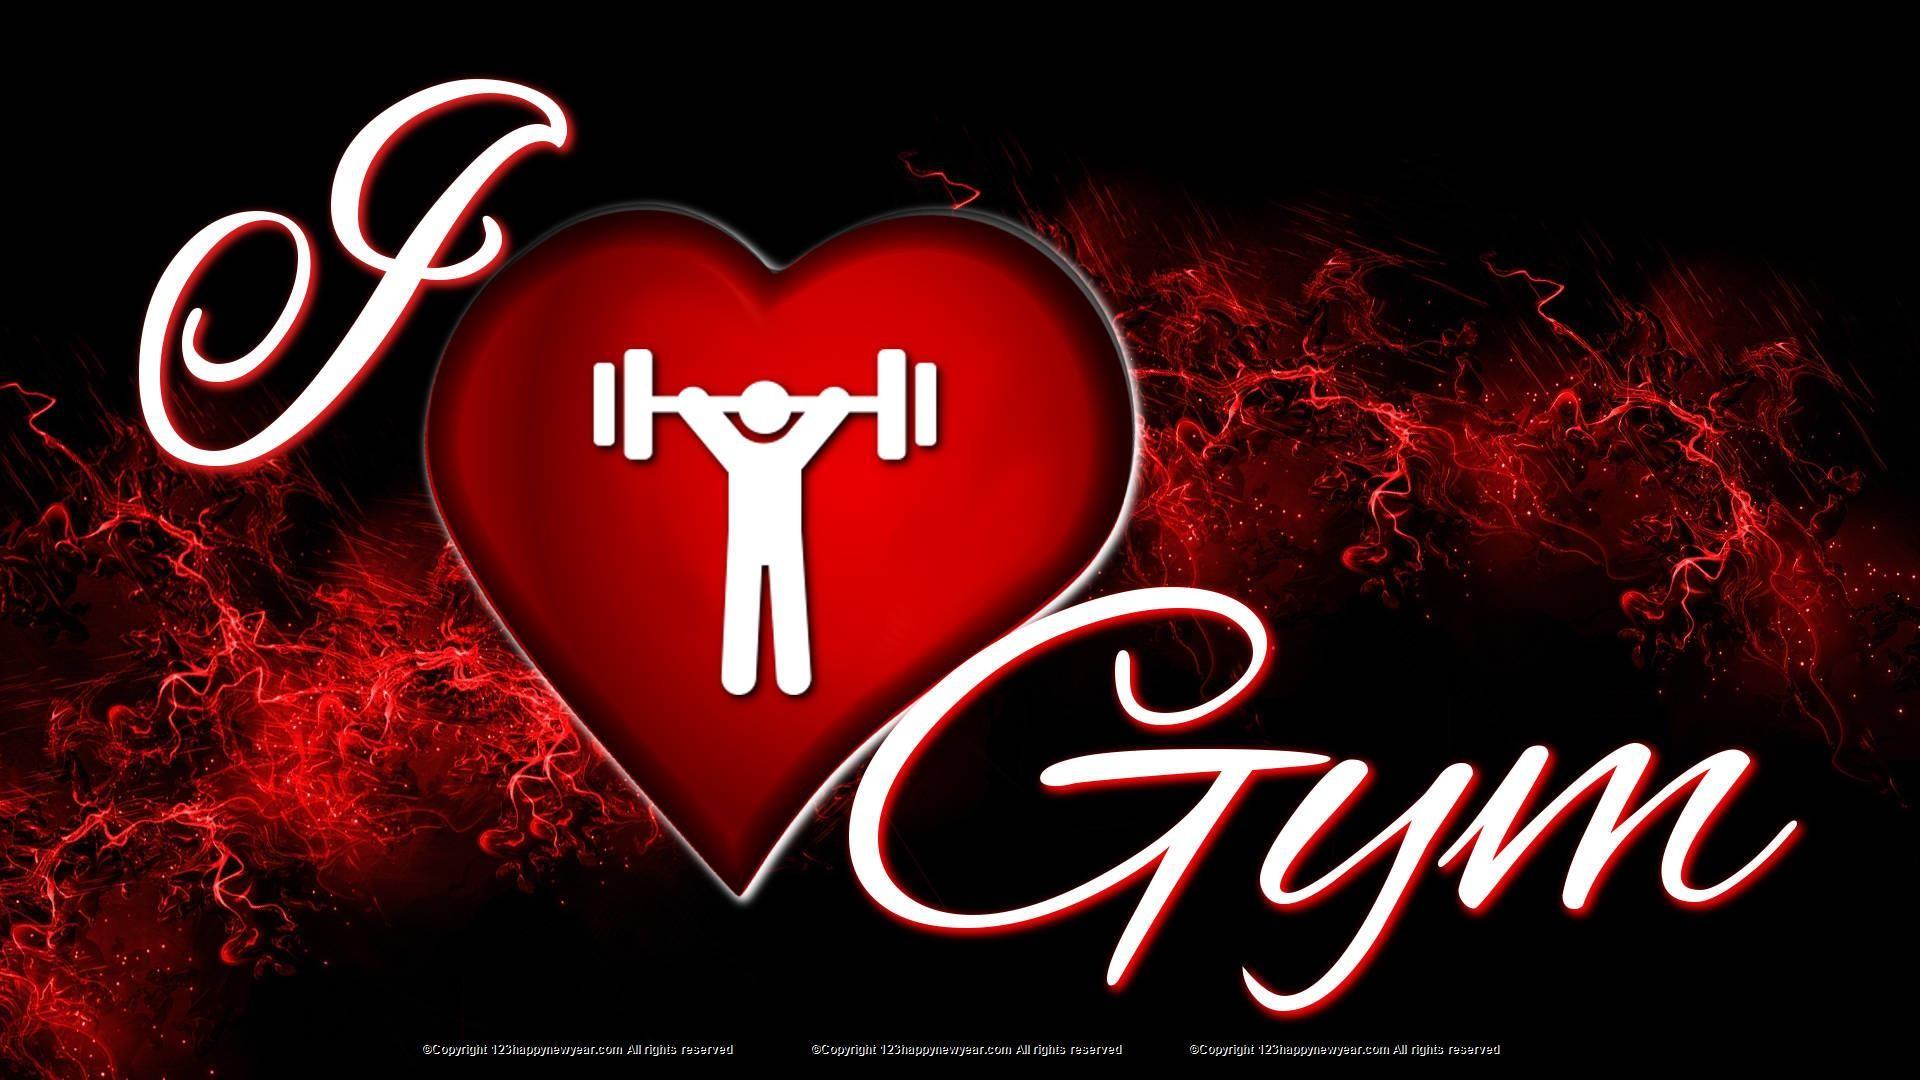 Gym Wallpaper In Hd